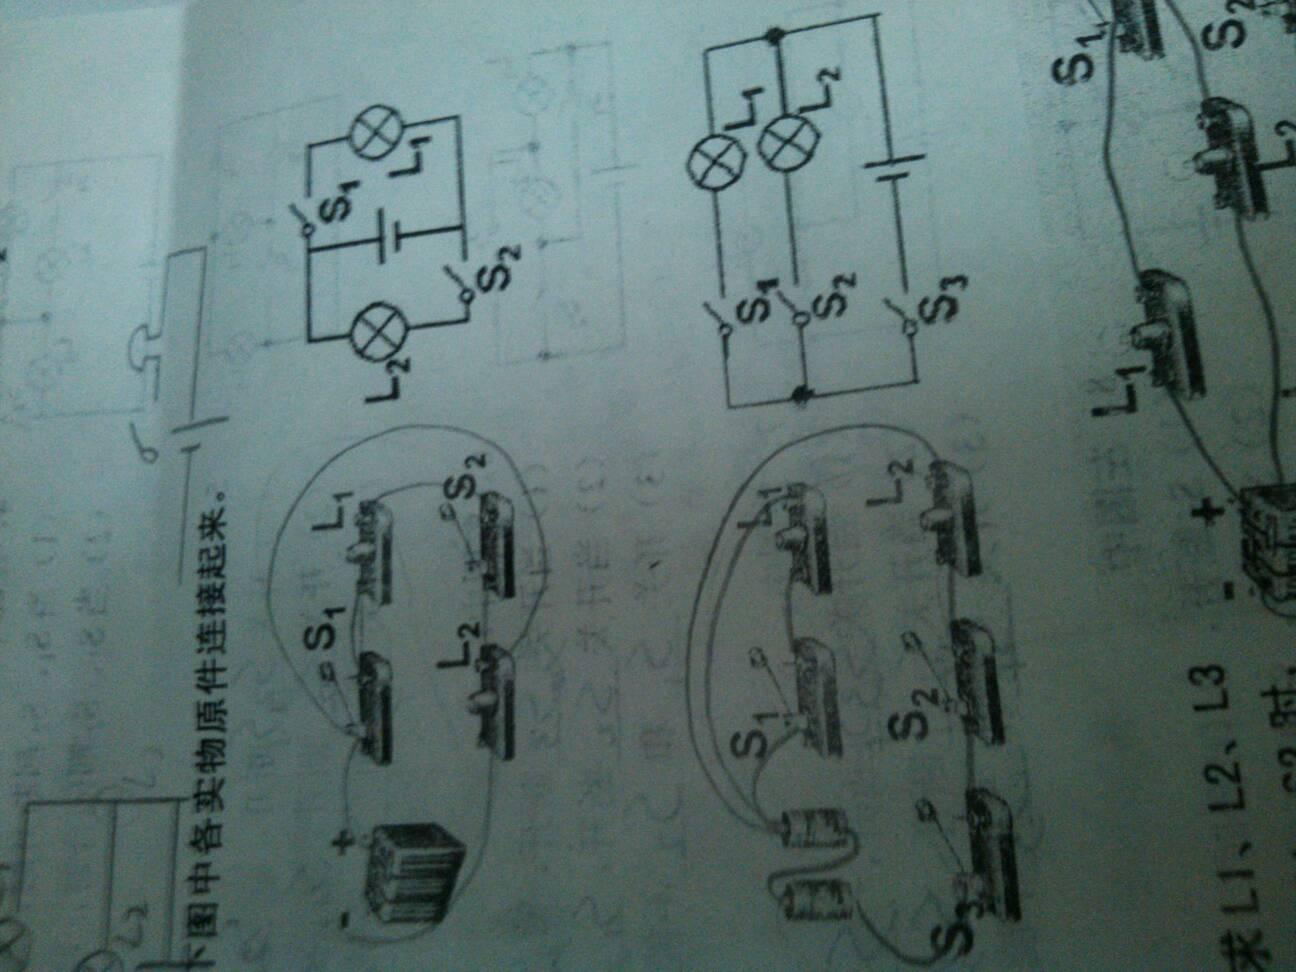 物理电路图怎么画?谢谢.